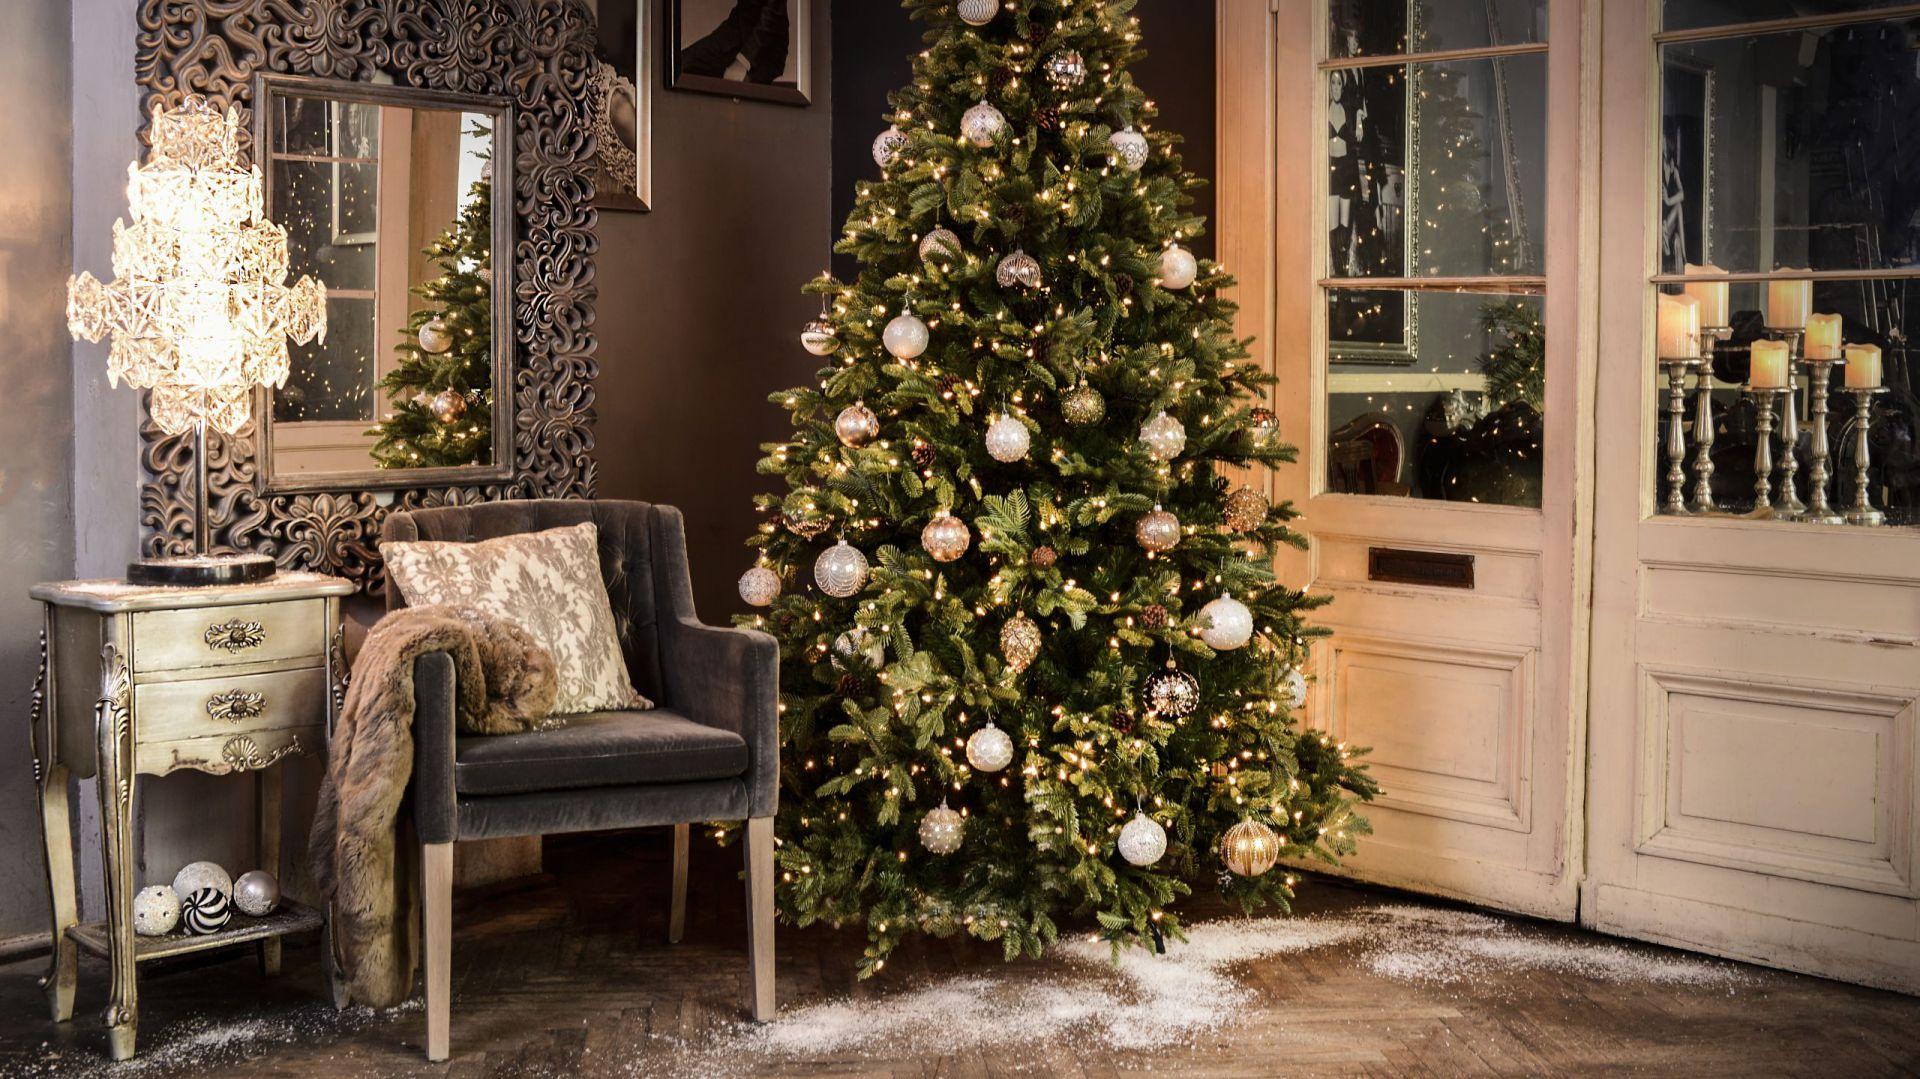 Świąteczne dekoracje. Fot. AlmiDecor